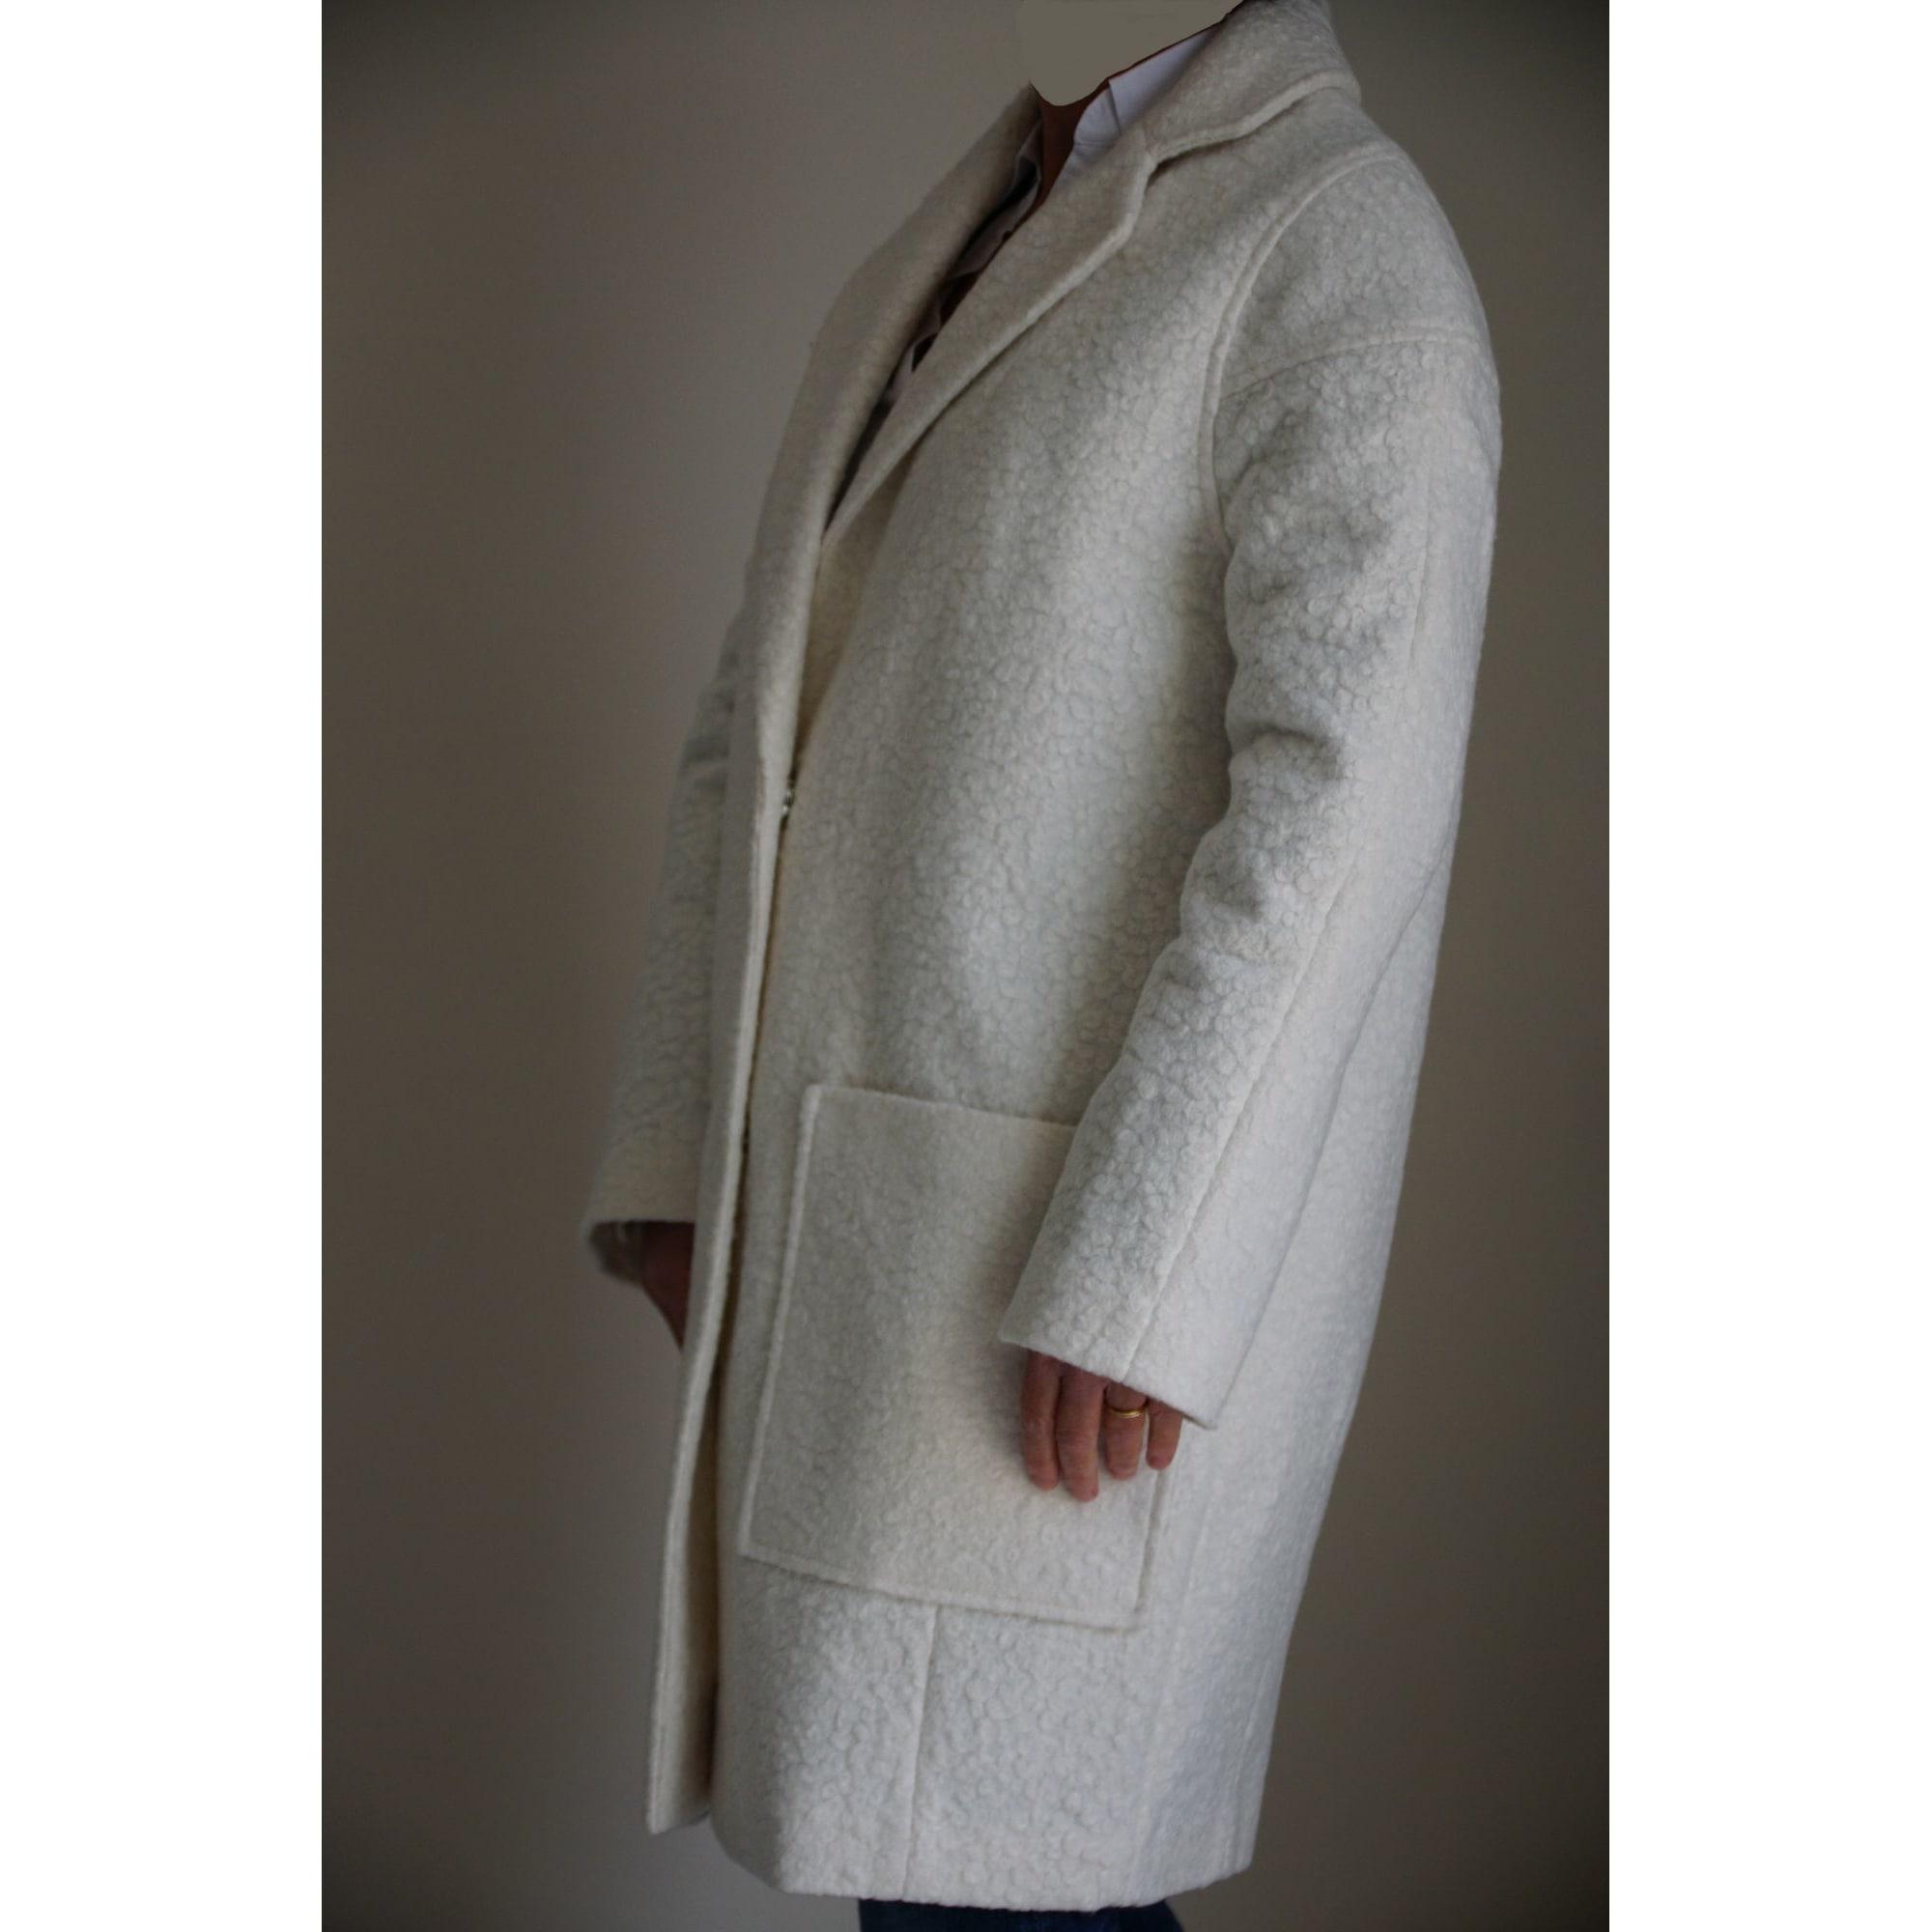 Manteau ASOS Blanc, blanc cassé, écru